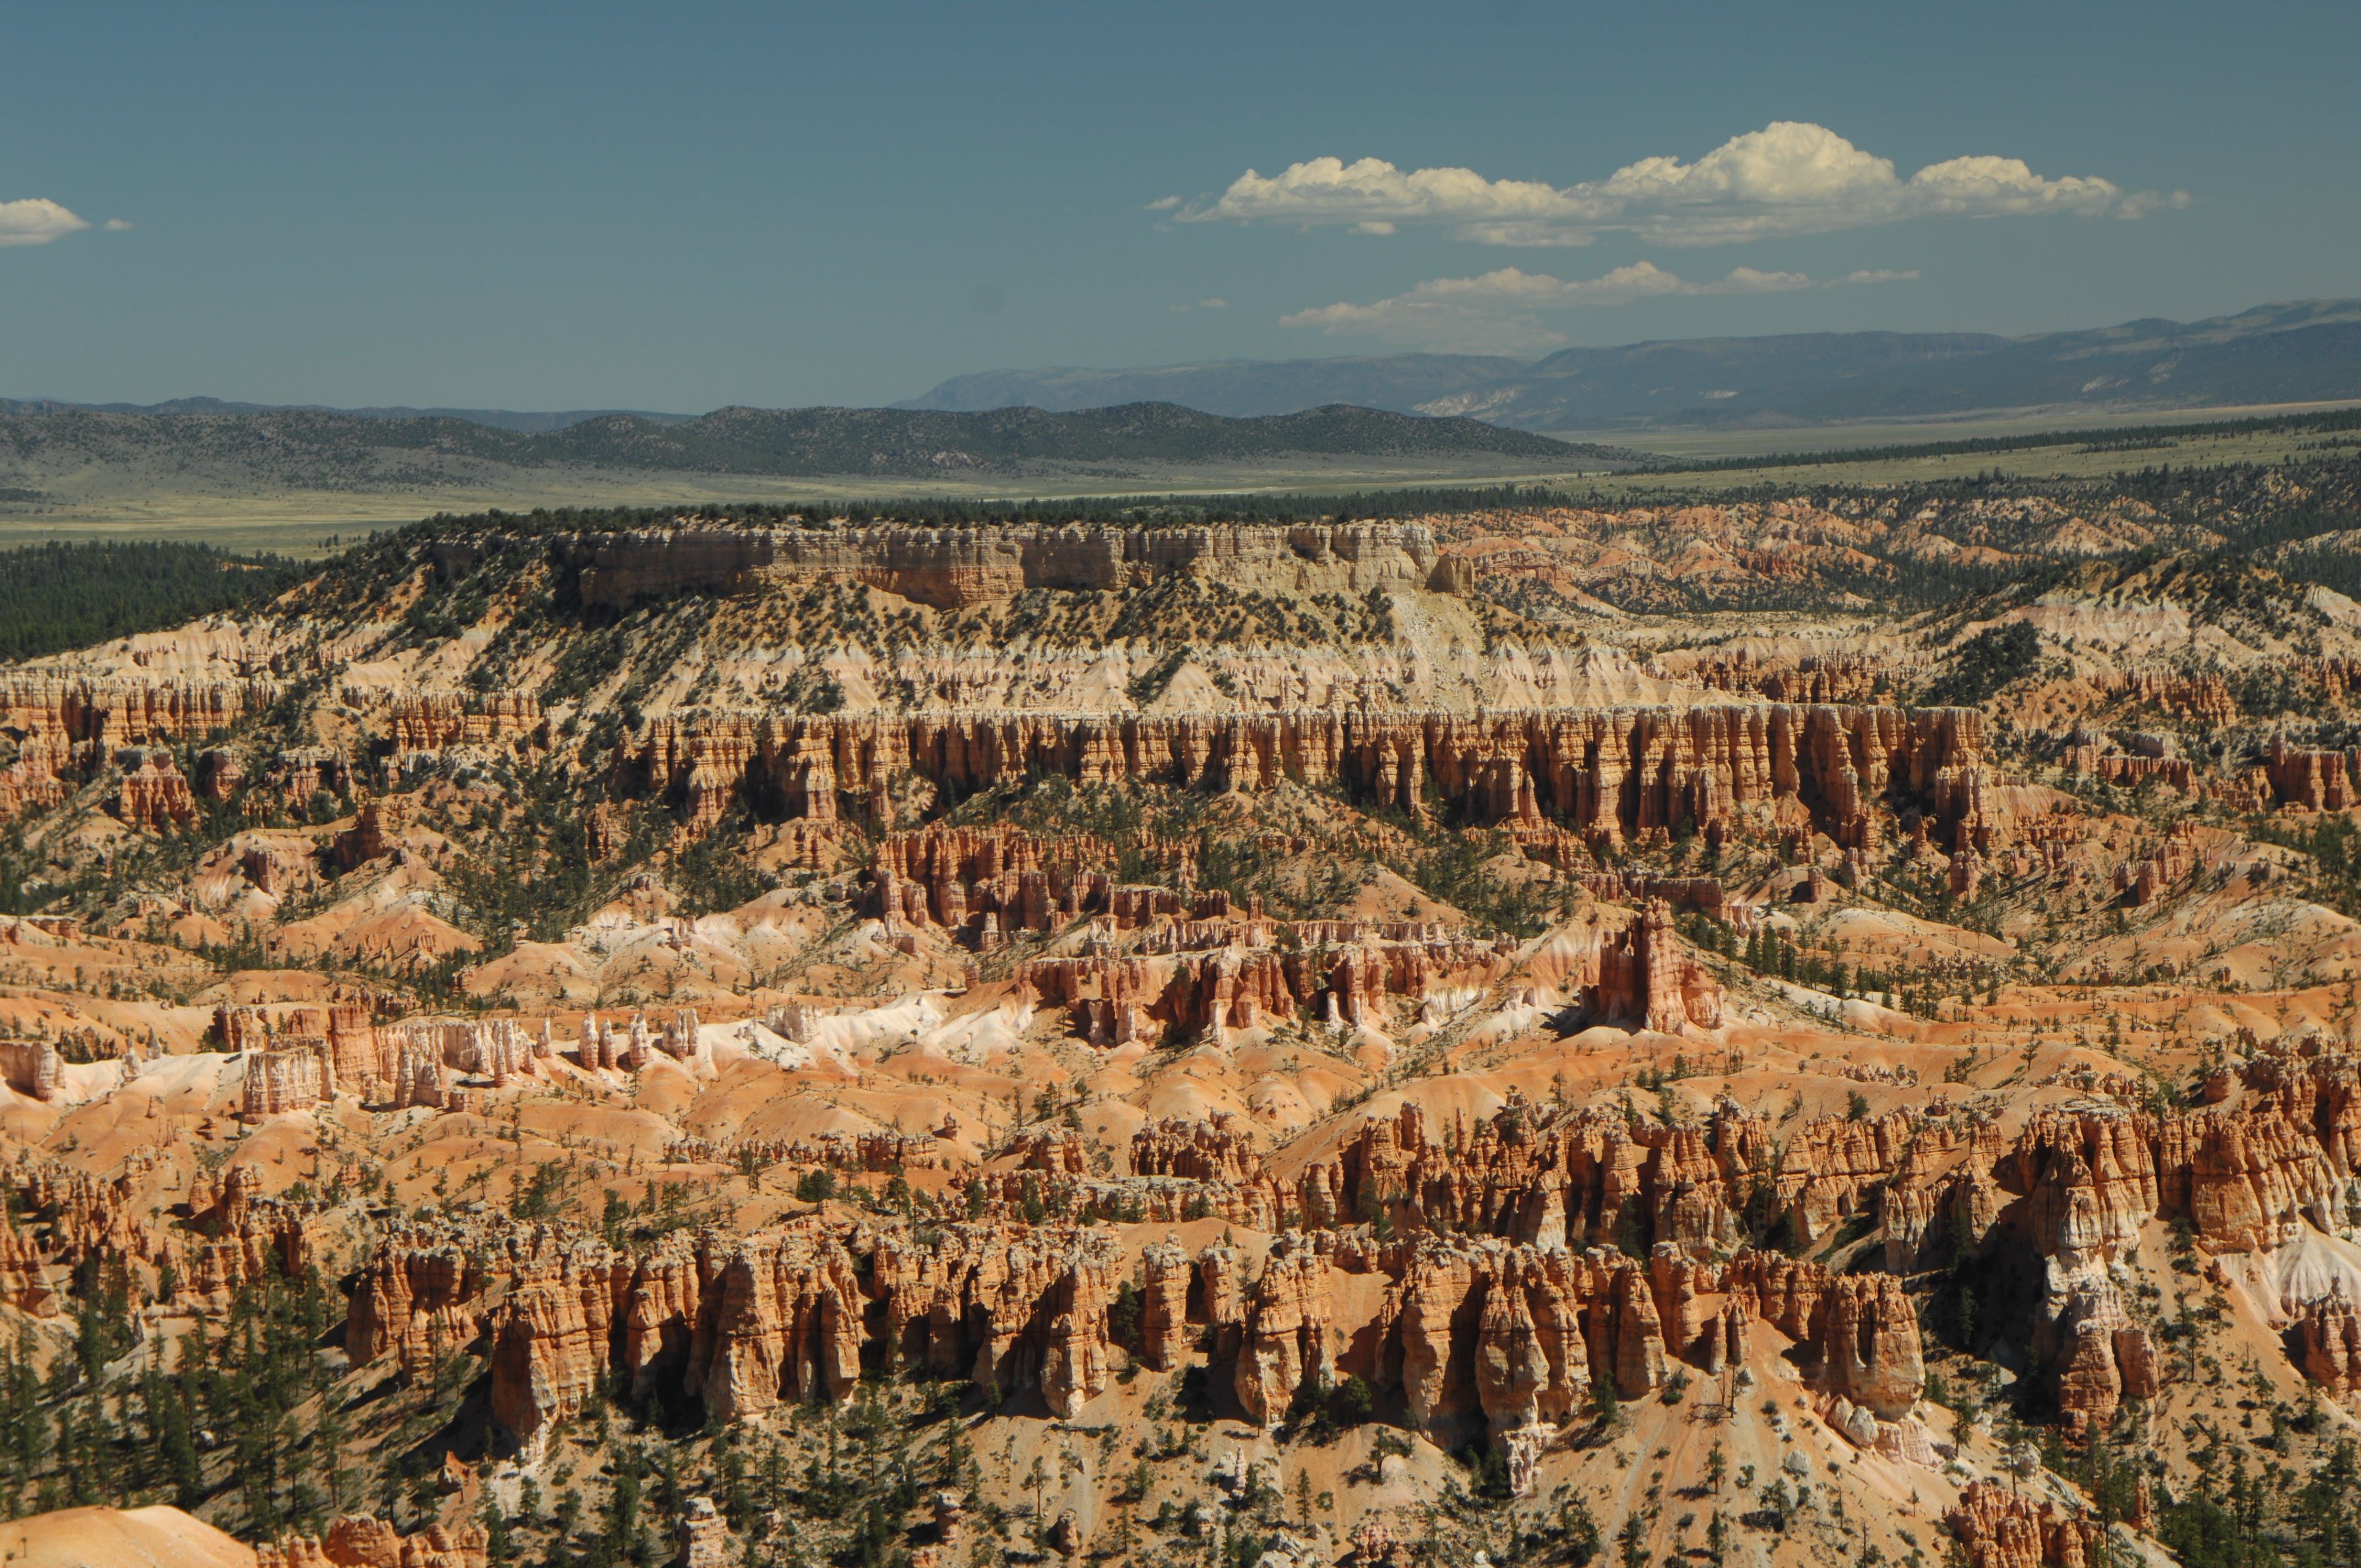 乾旱, 乾的, 侵蝕, 地標 的 免费素材照片